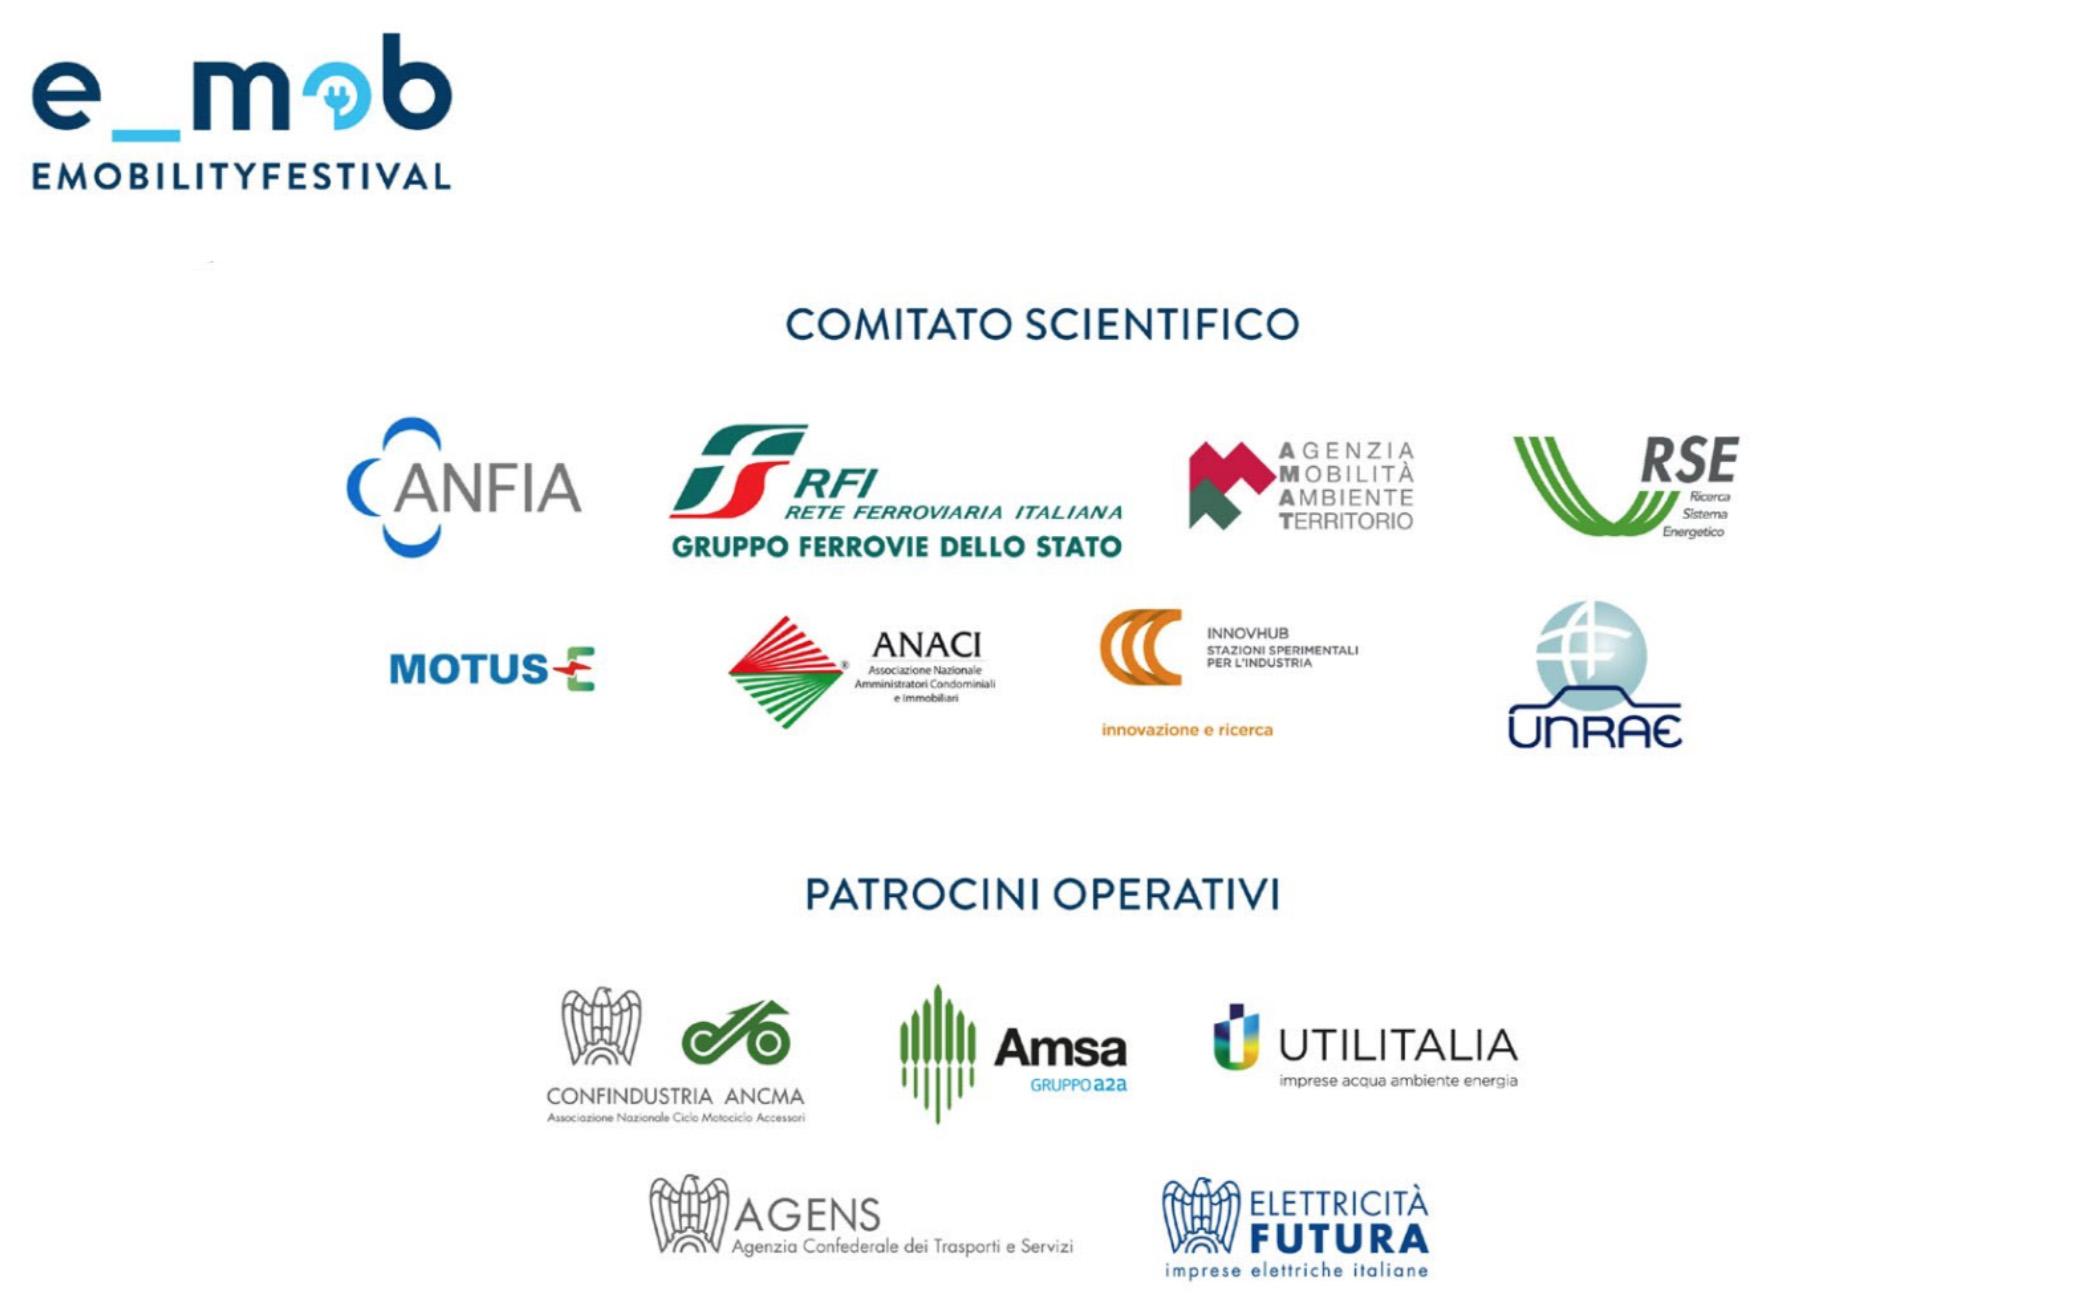 La lista del comitato scientifico dell'edizione 2021 del Festival Nazionale Mobilità Elettrica